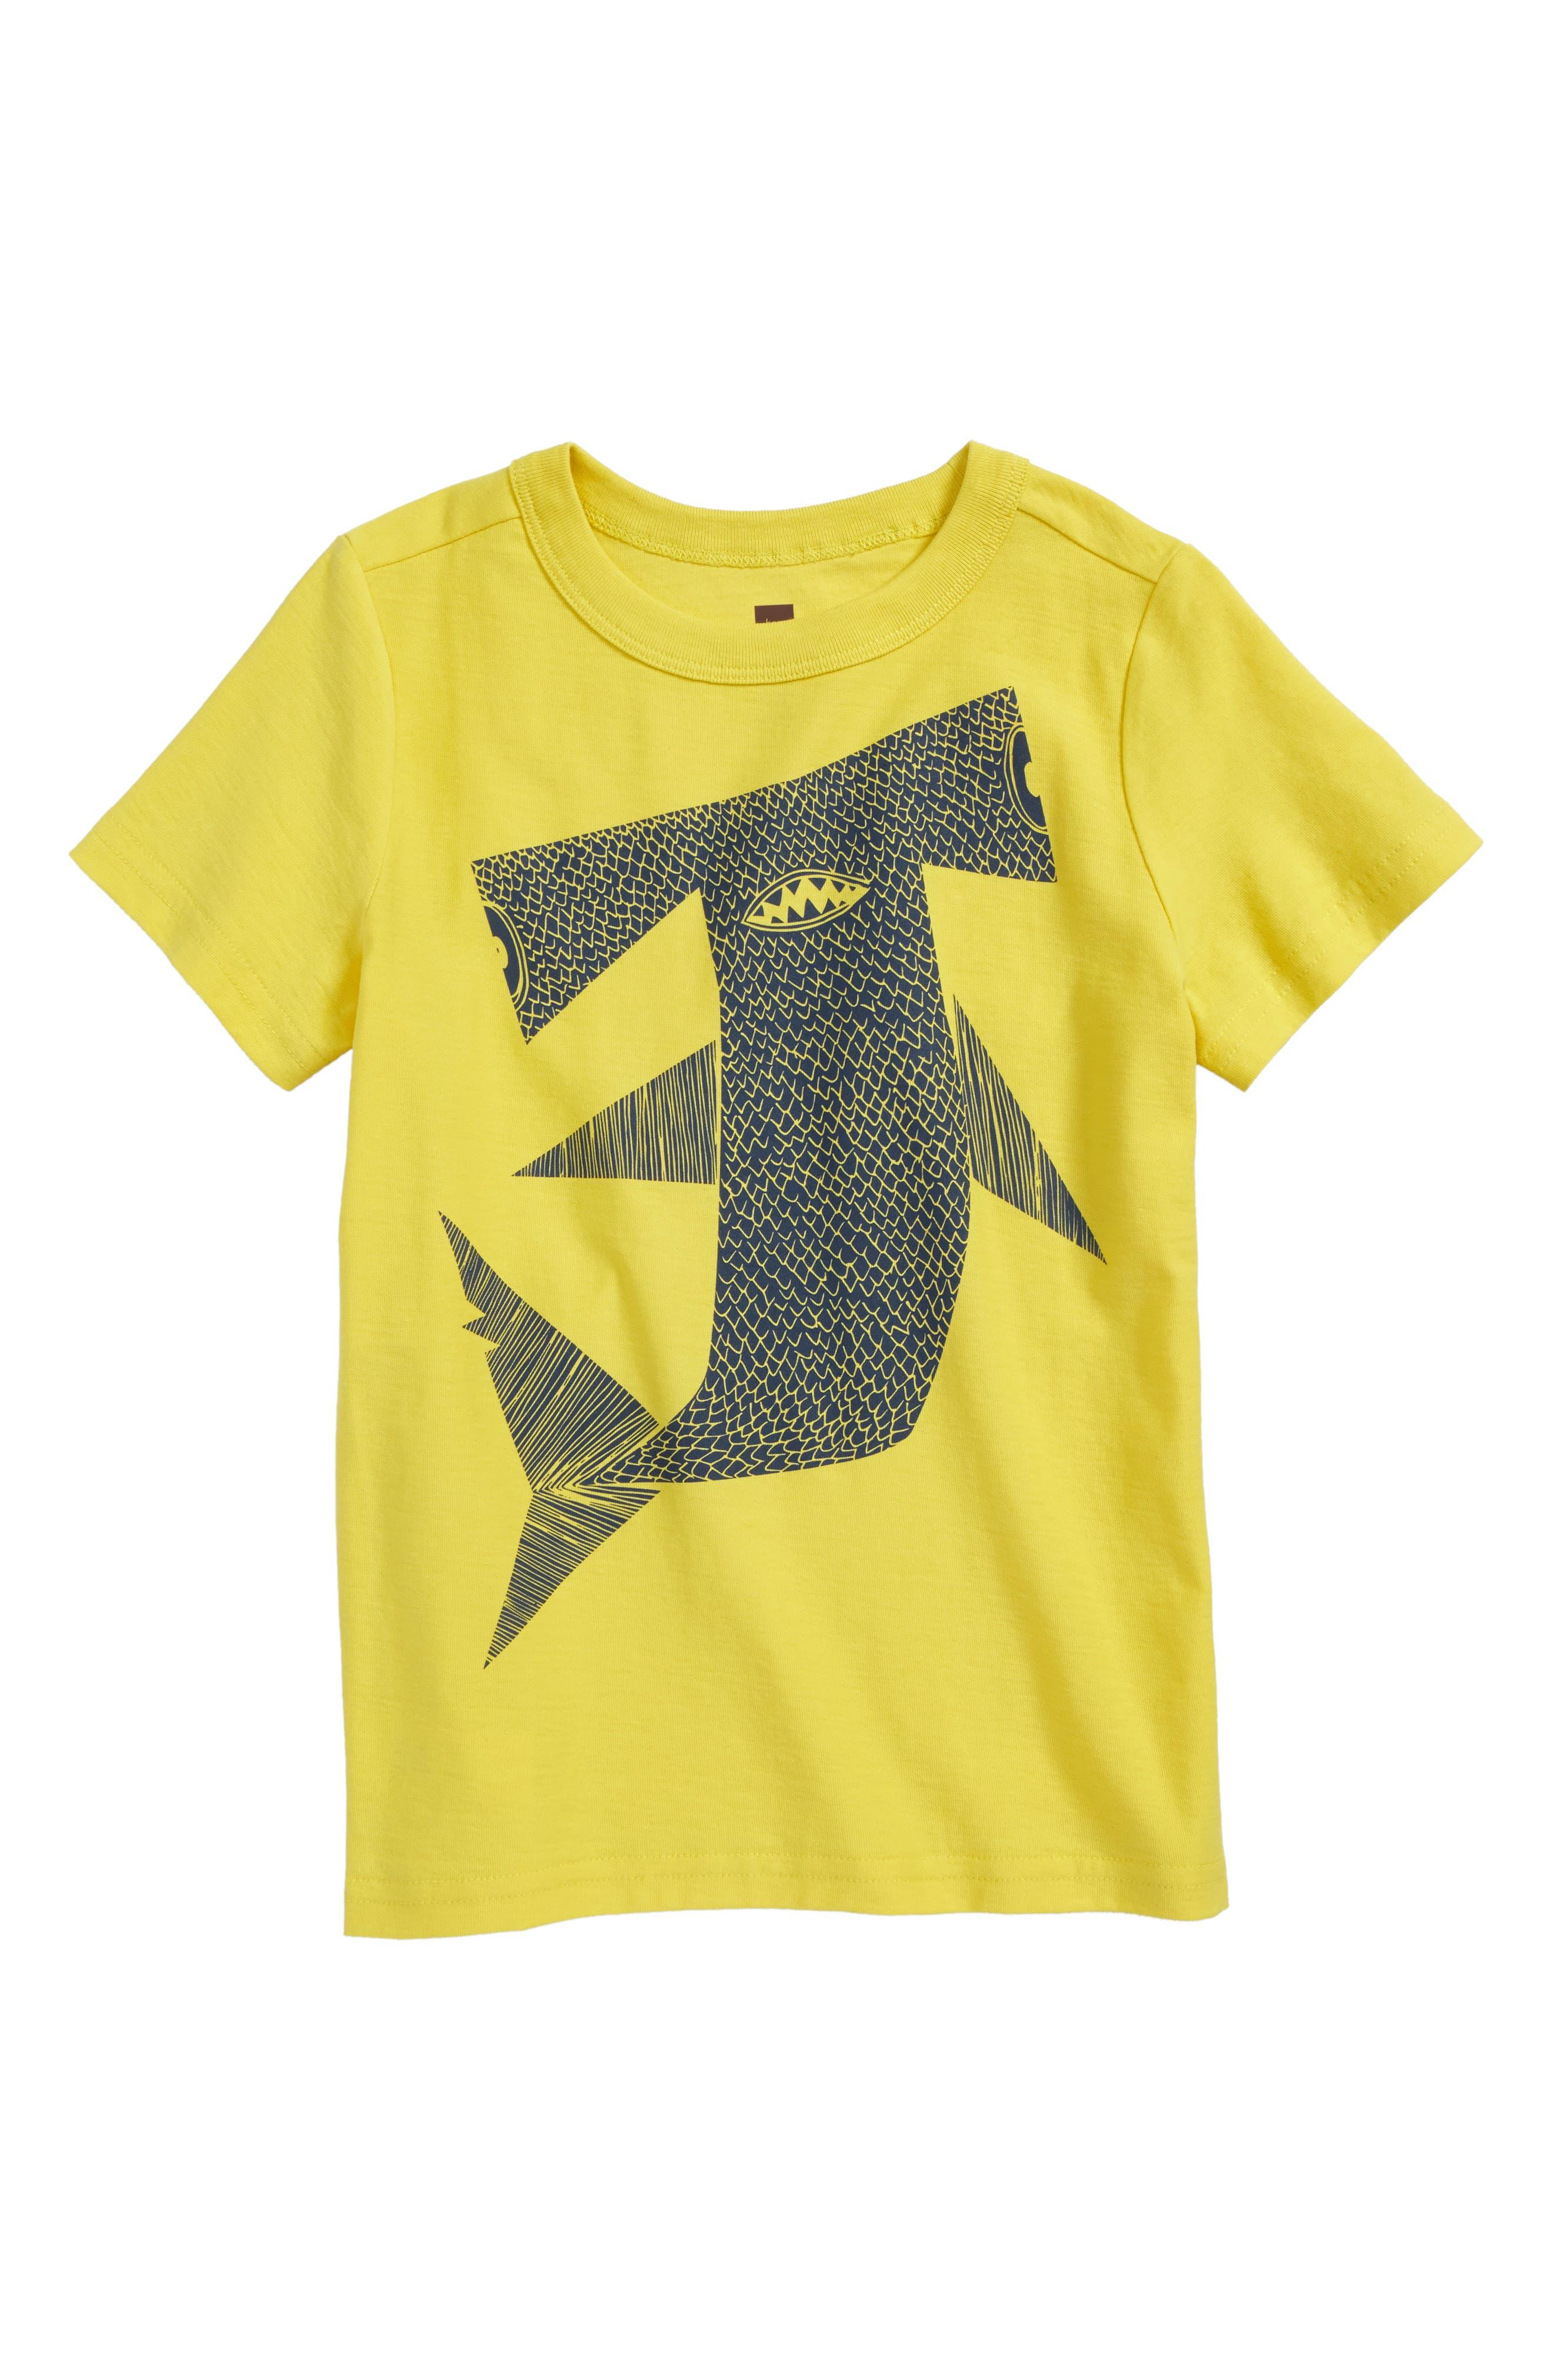 Hammer Time T-Shirt,                             Main thumbnail 1, color,                             721